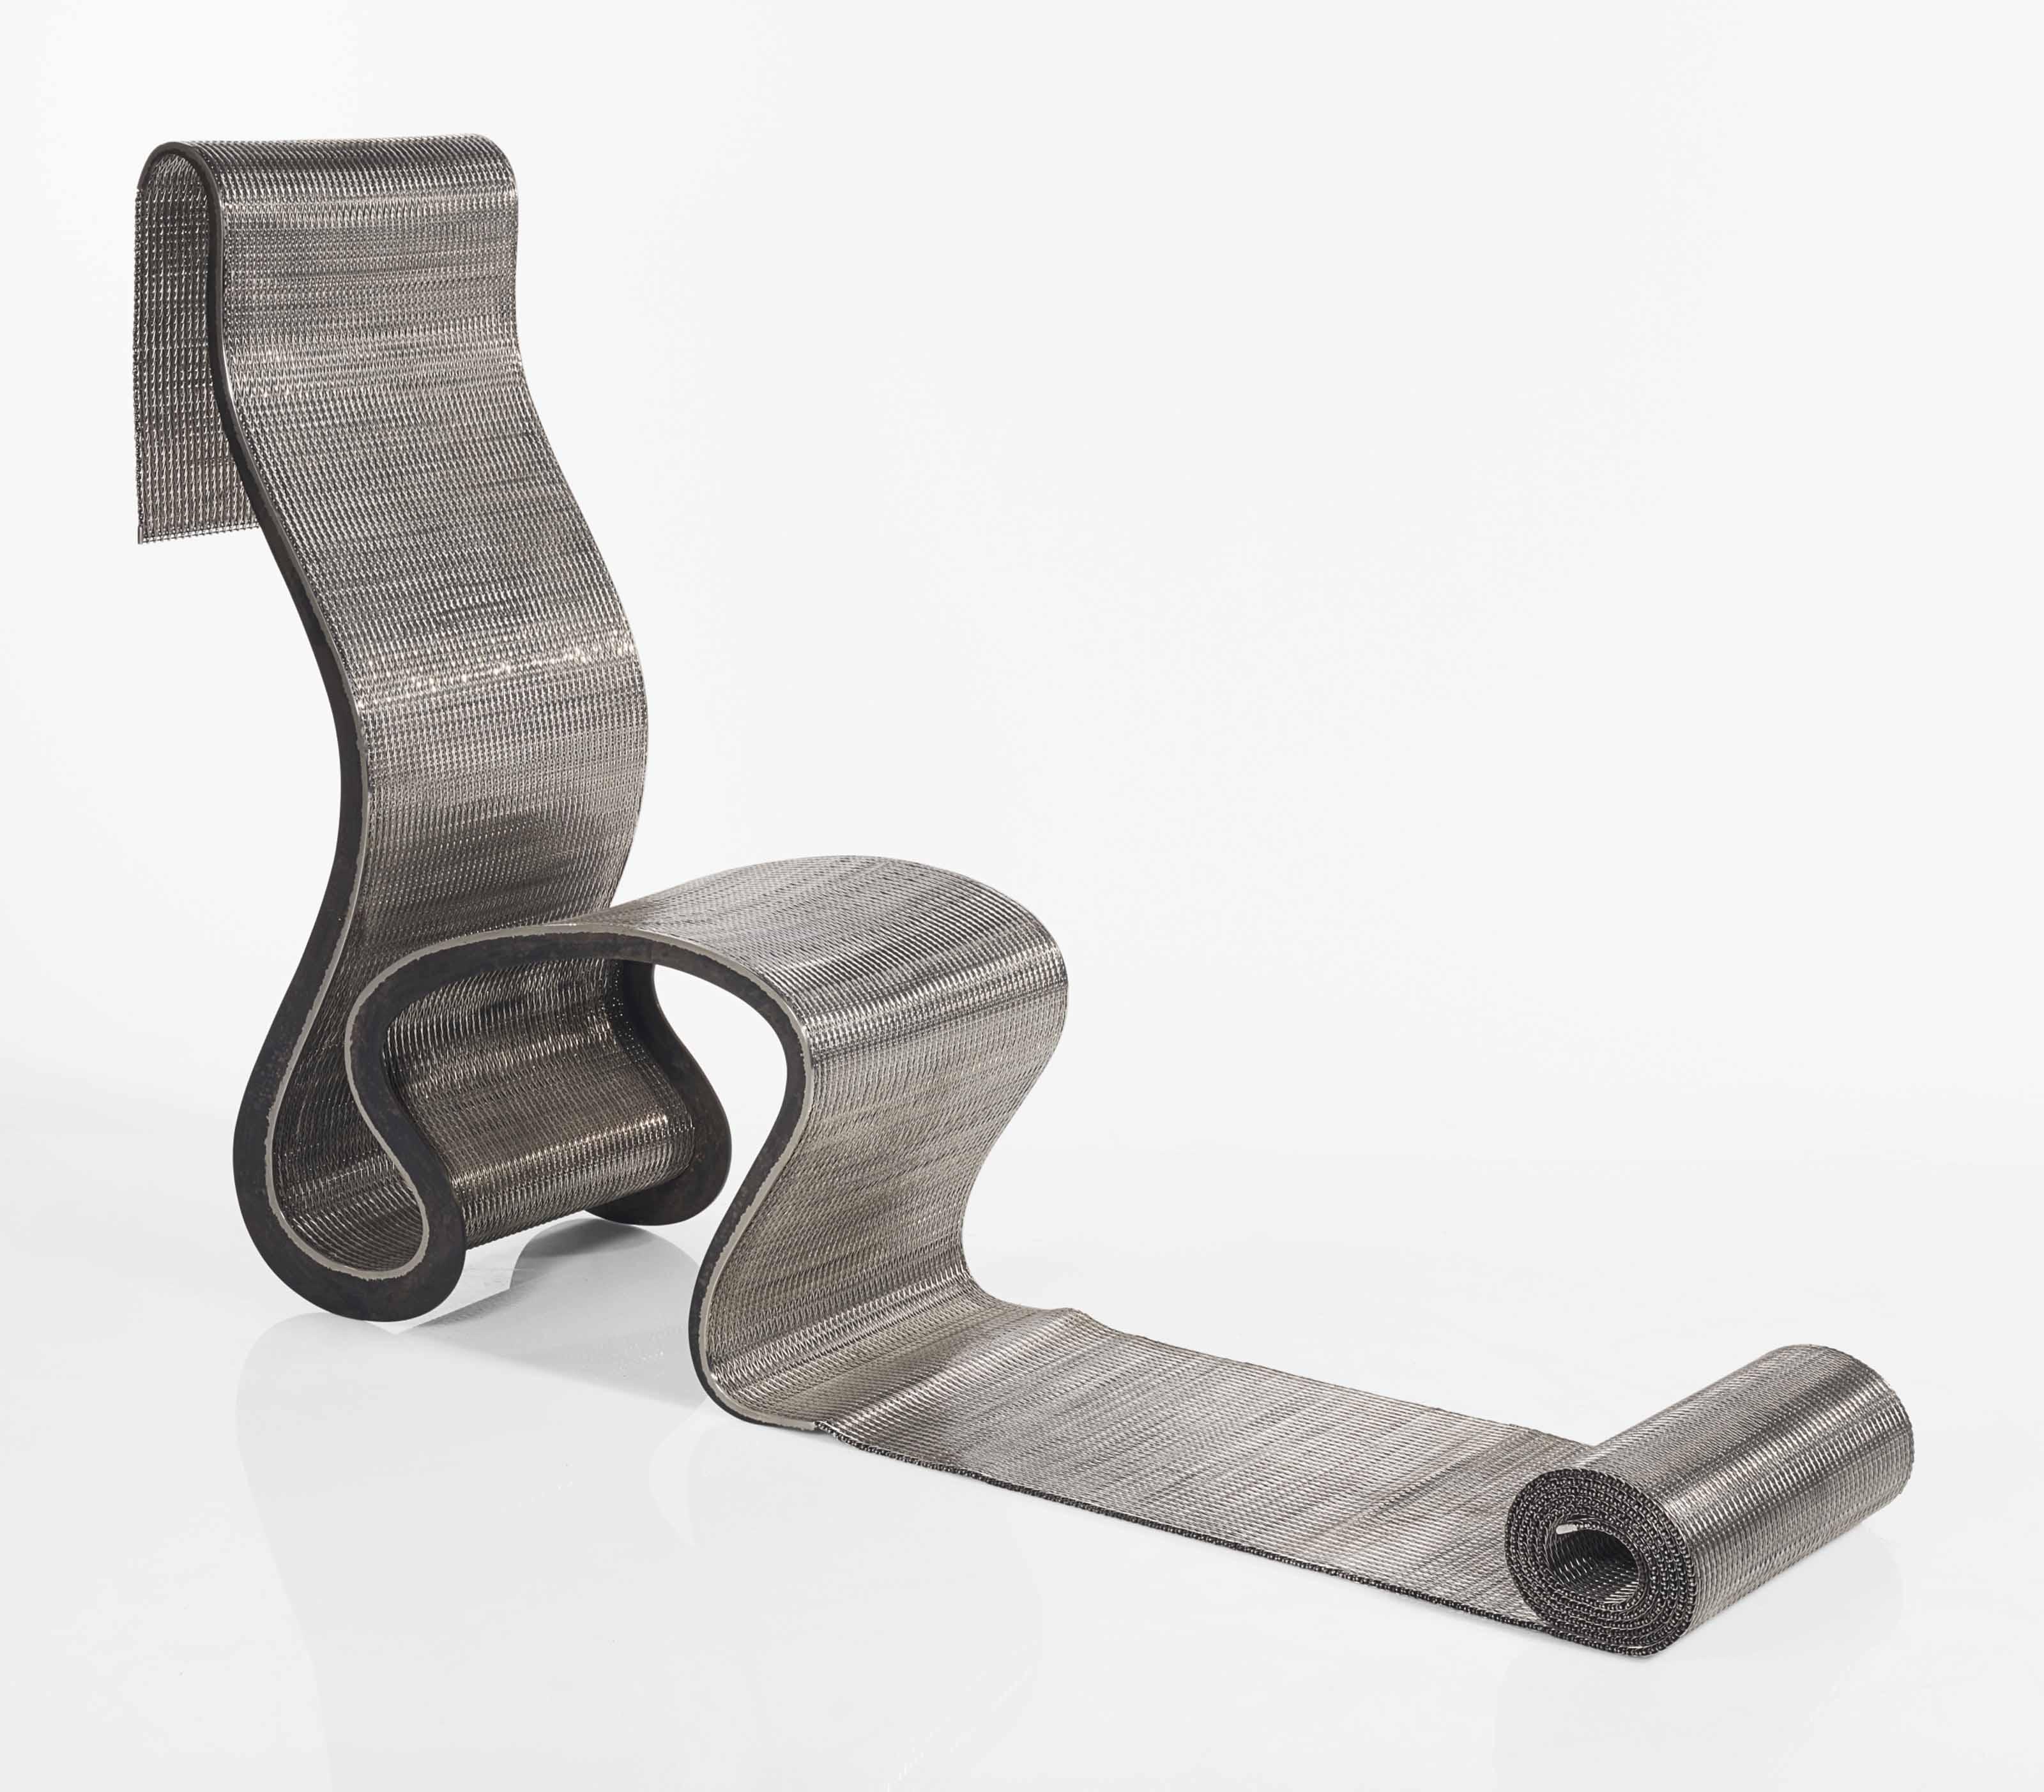 ron arad n en 1951 chaise longue narrow papardelle le mod le cr en 1992 christie 39 s. Black Bedroom Furniture Sets. Home Design Ideas